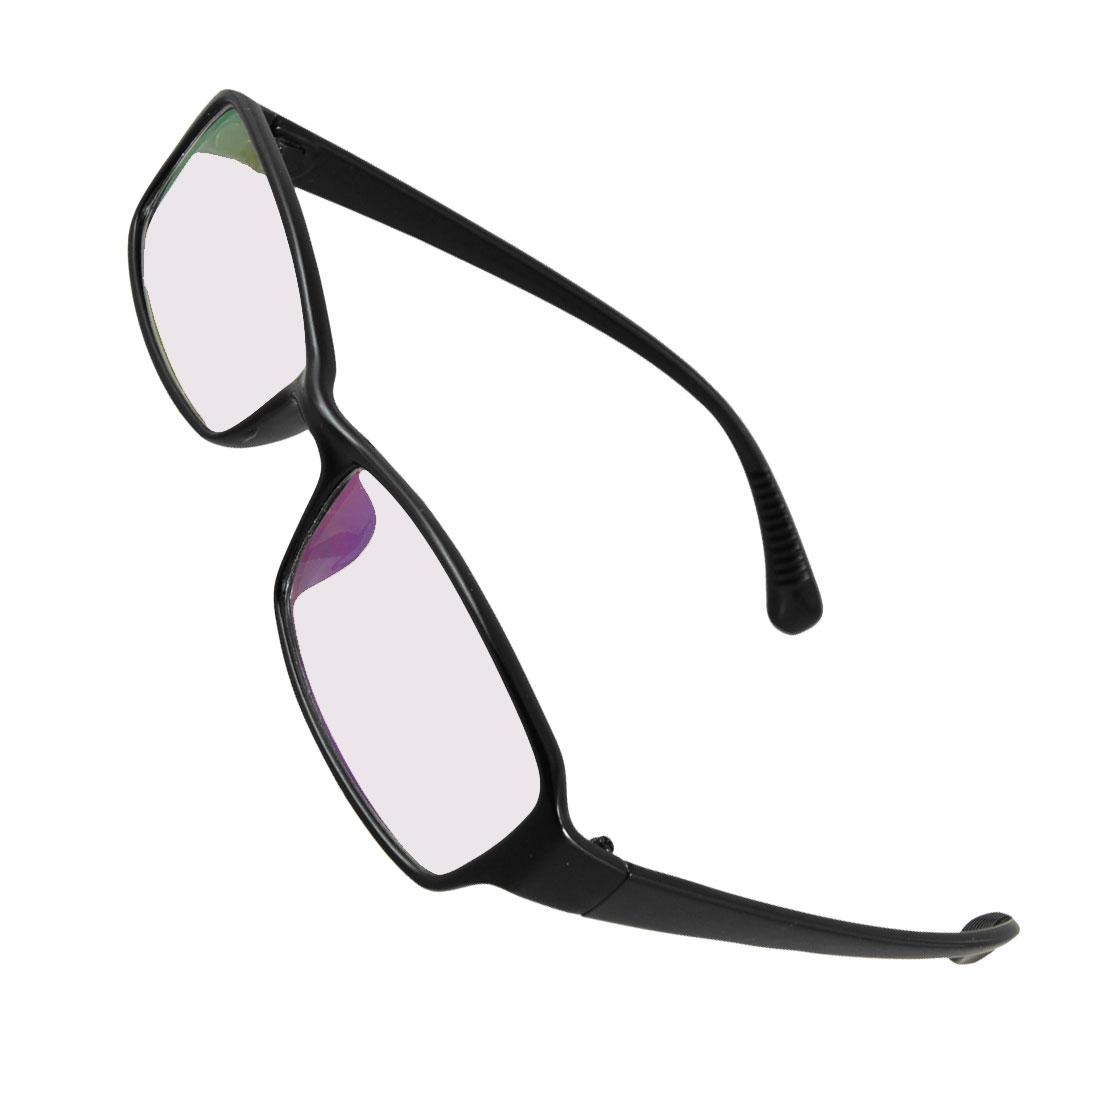 Solid Black Multi Coated Lens Plano Glasses Eyeglasses for Women